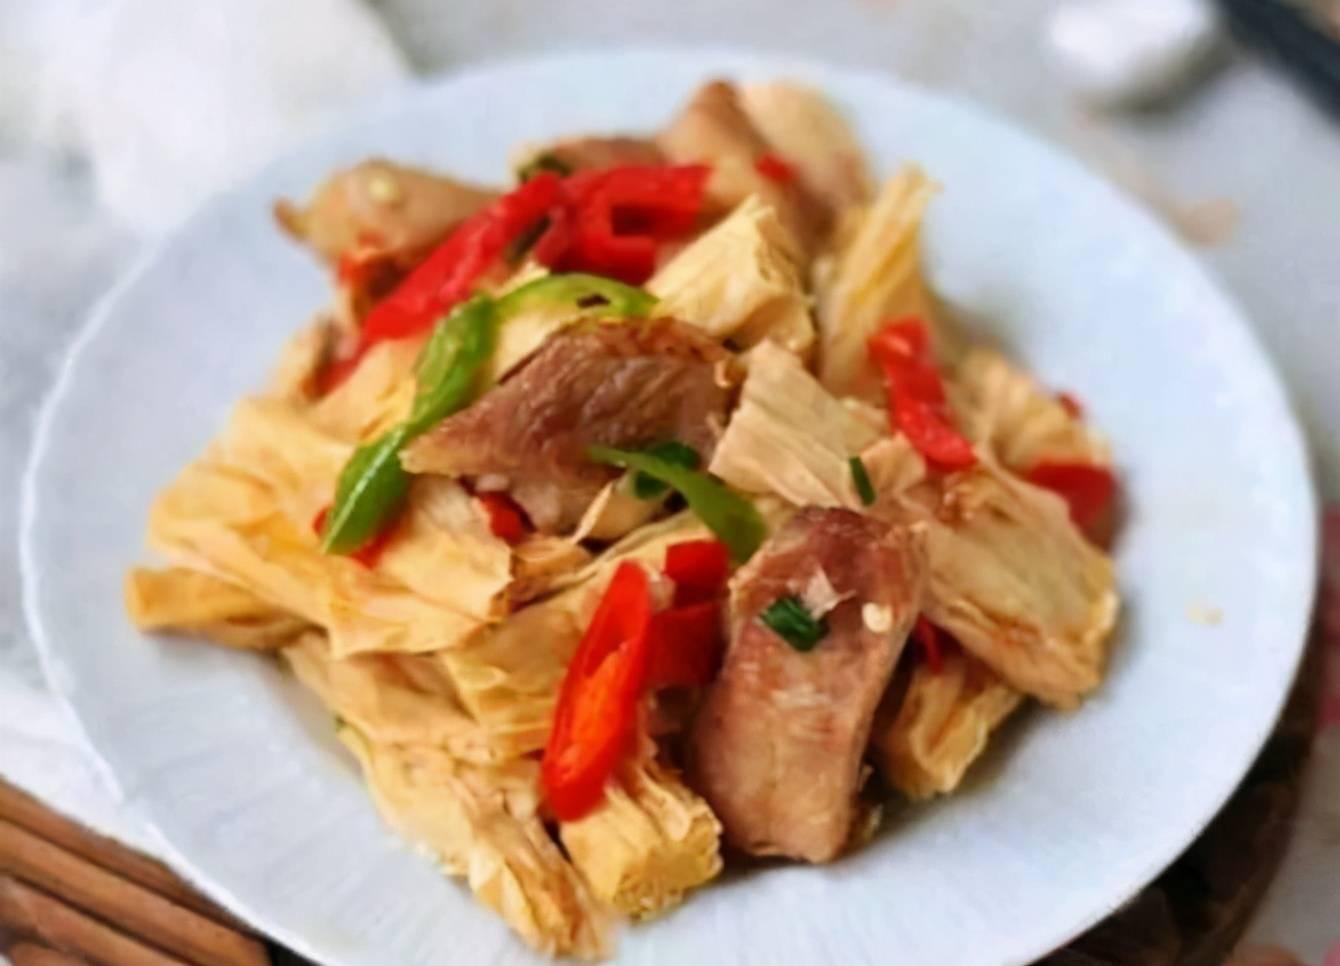 整理20款菜肴推荐,简单好做又美味,有空做给家人吃